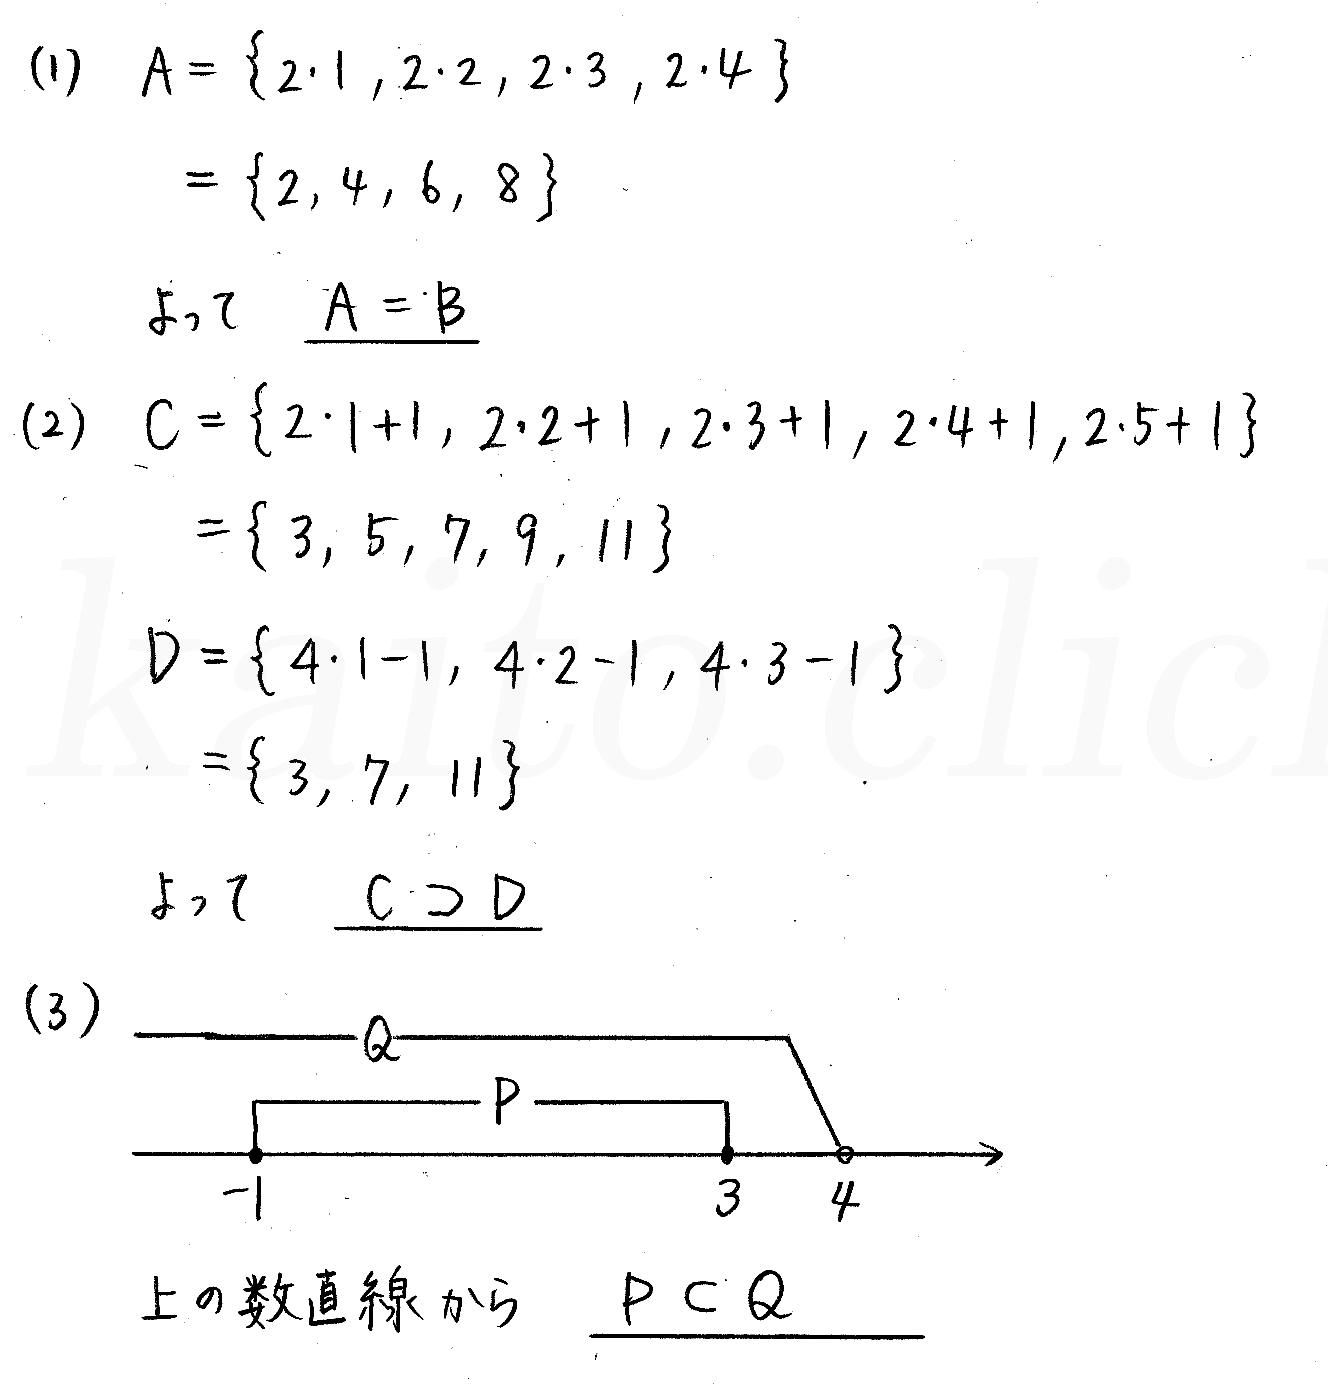 クリアー数学1-106解答